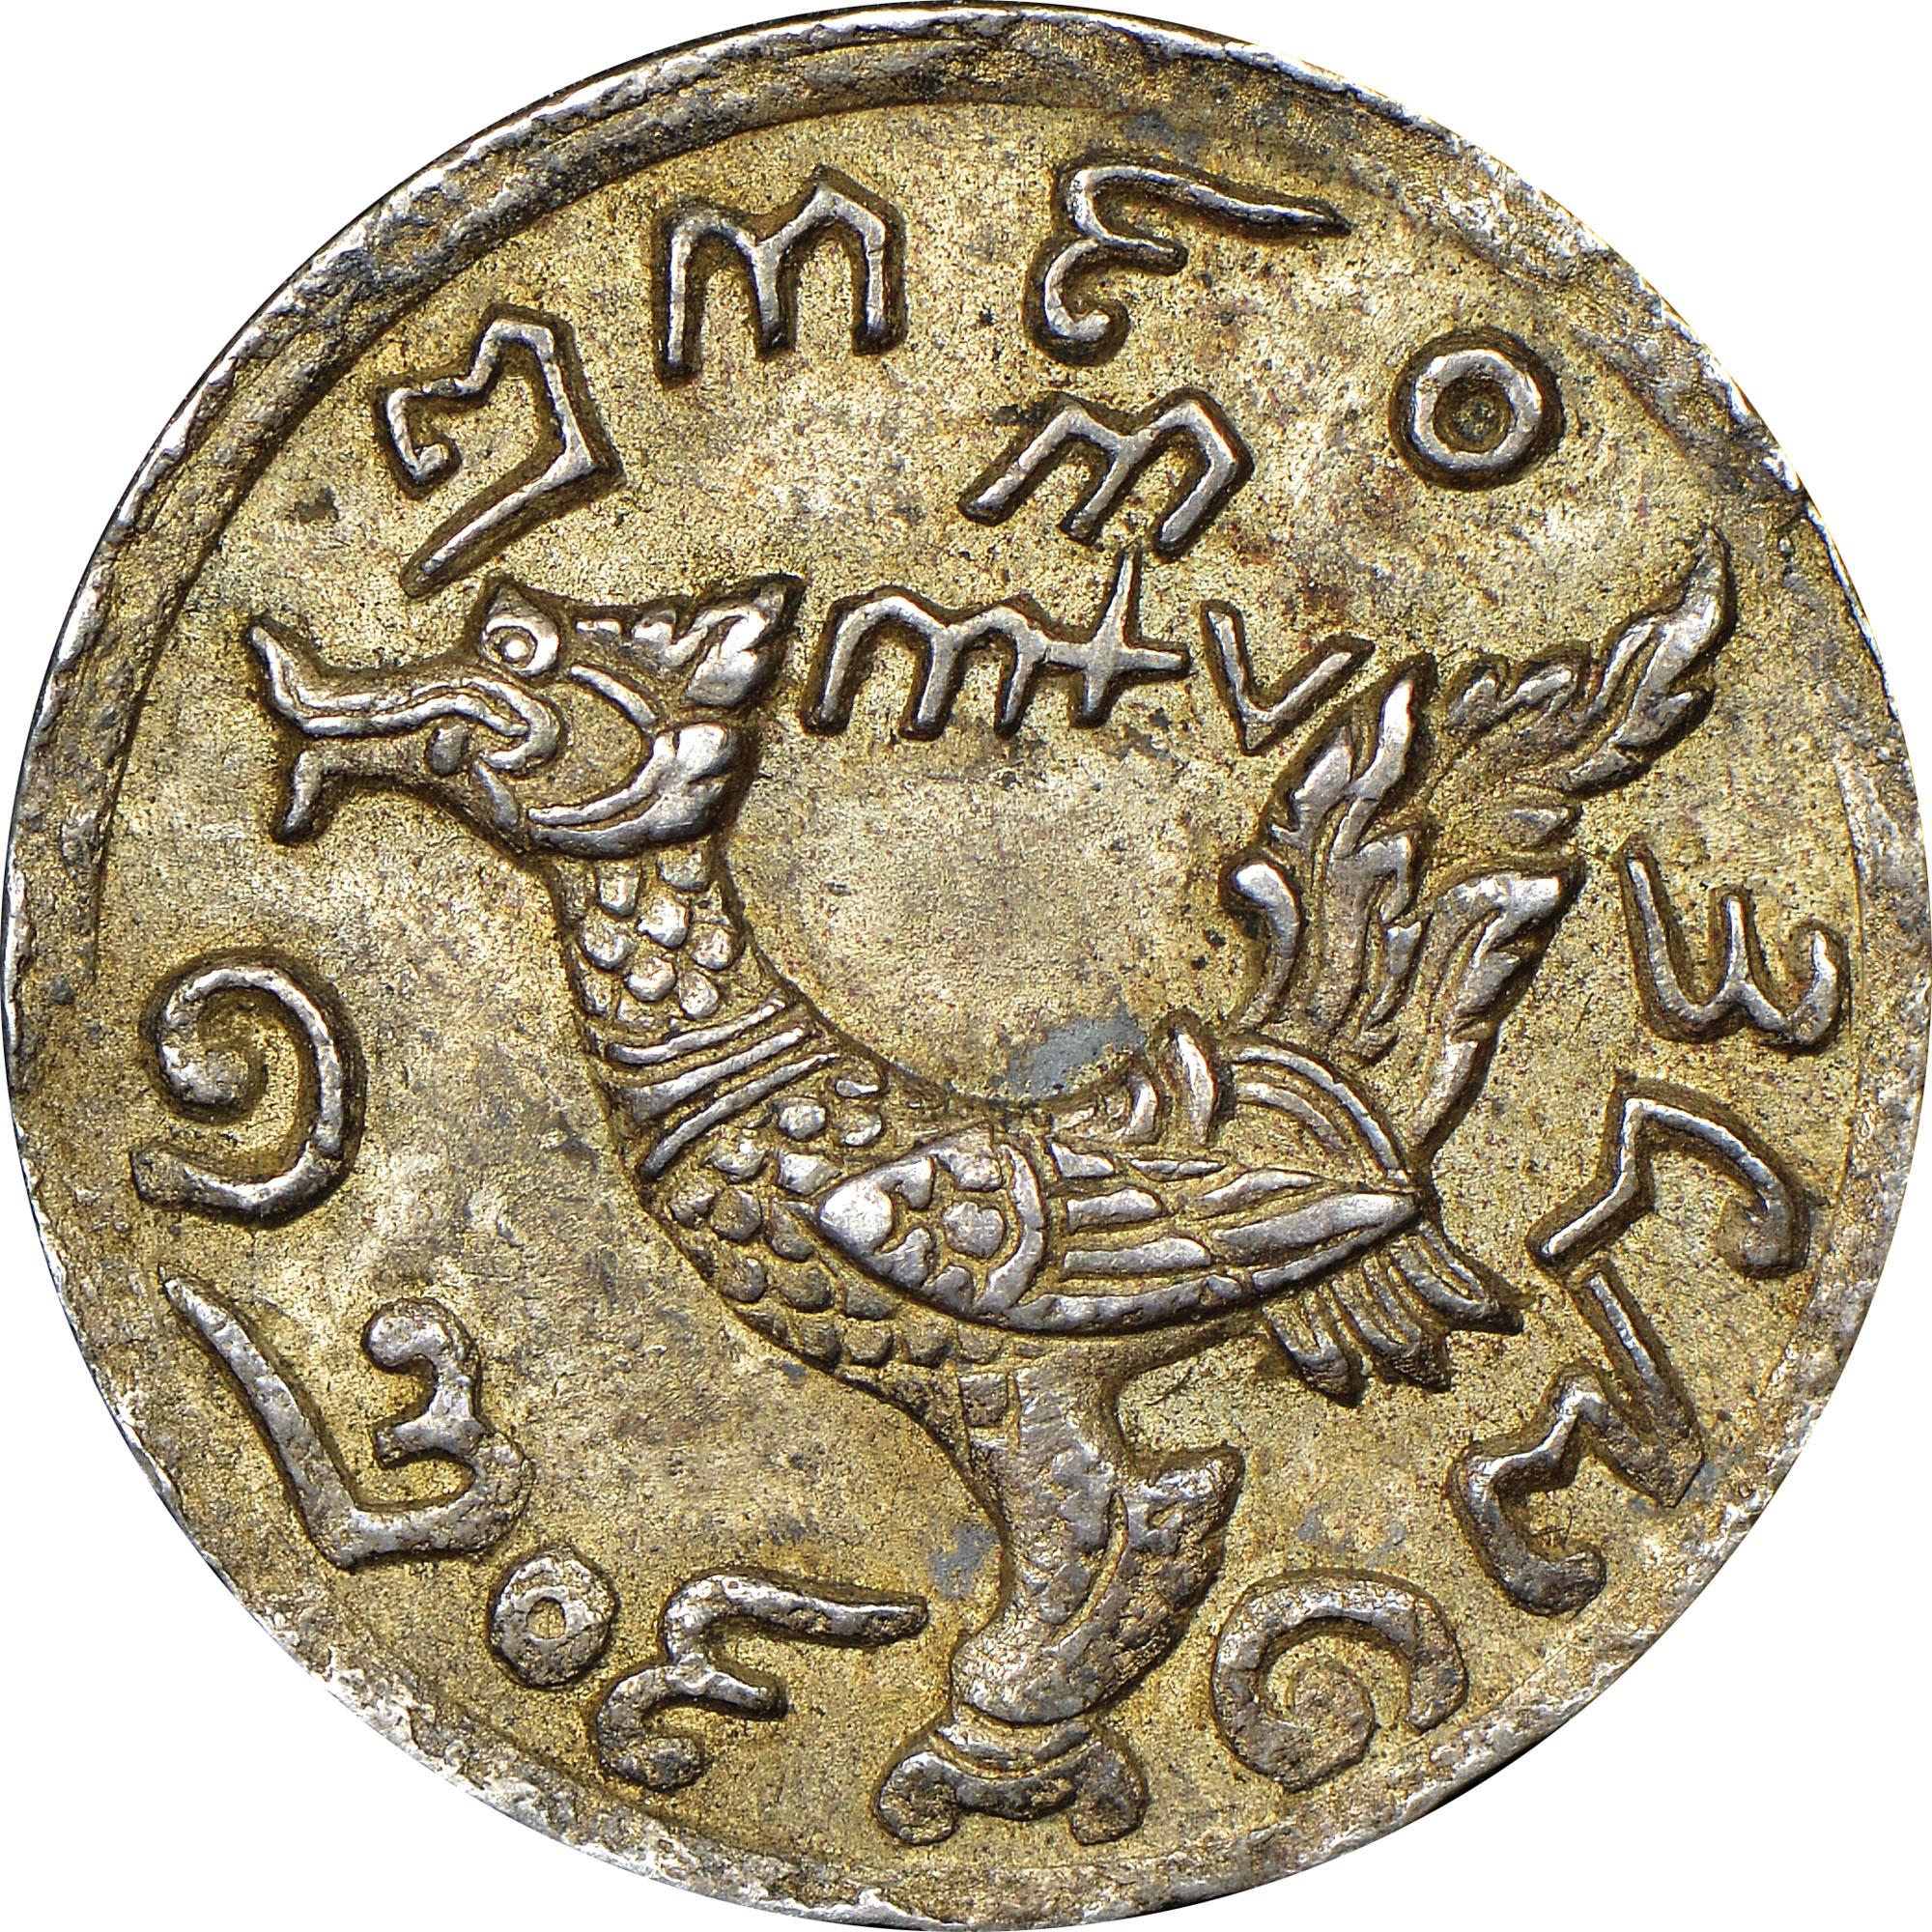 1208 (1847) Cambodia 1/4 Tical, 1 Salong obverse